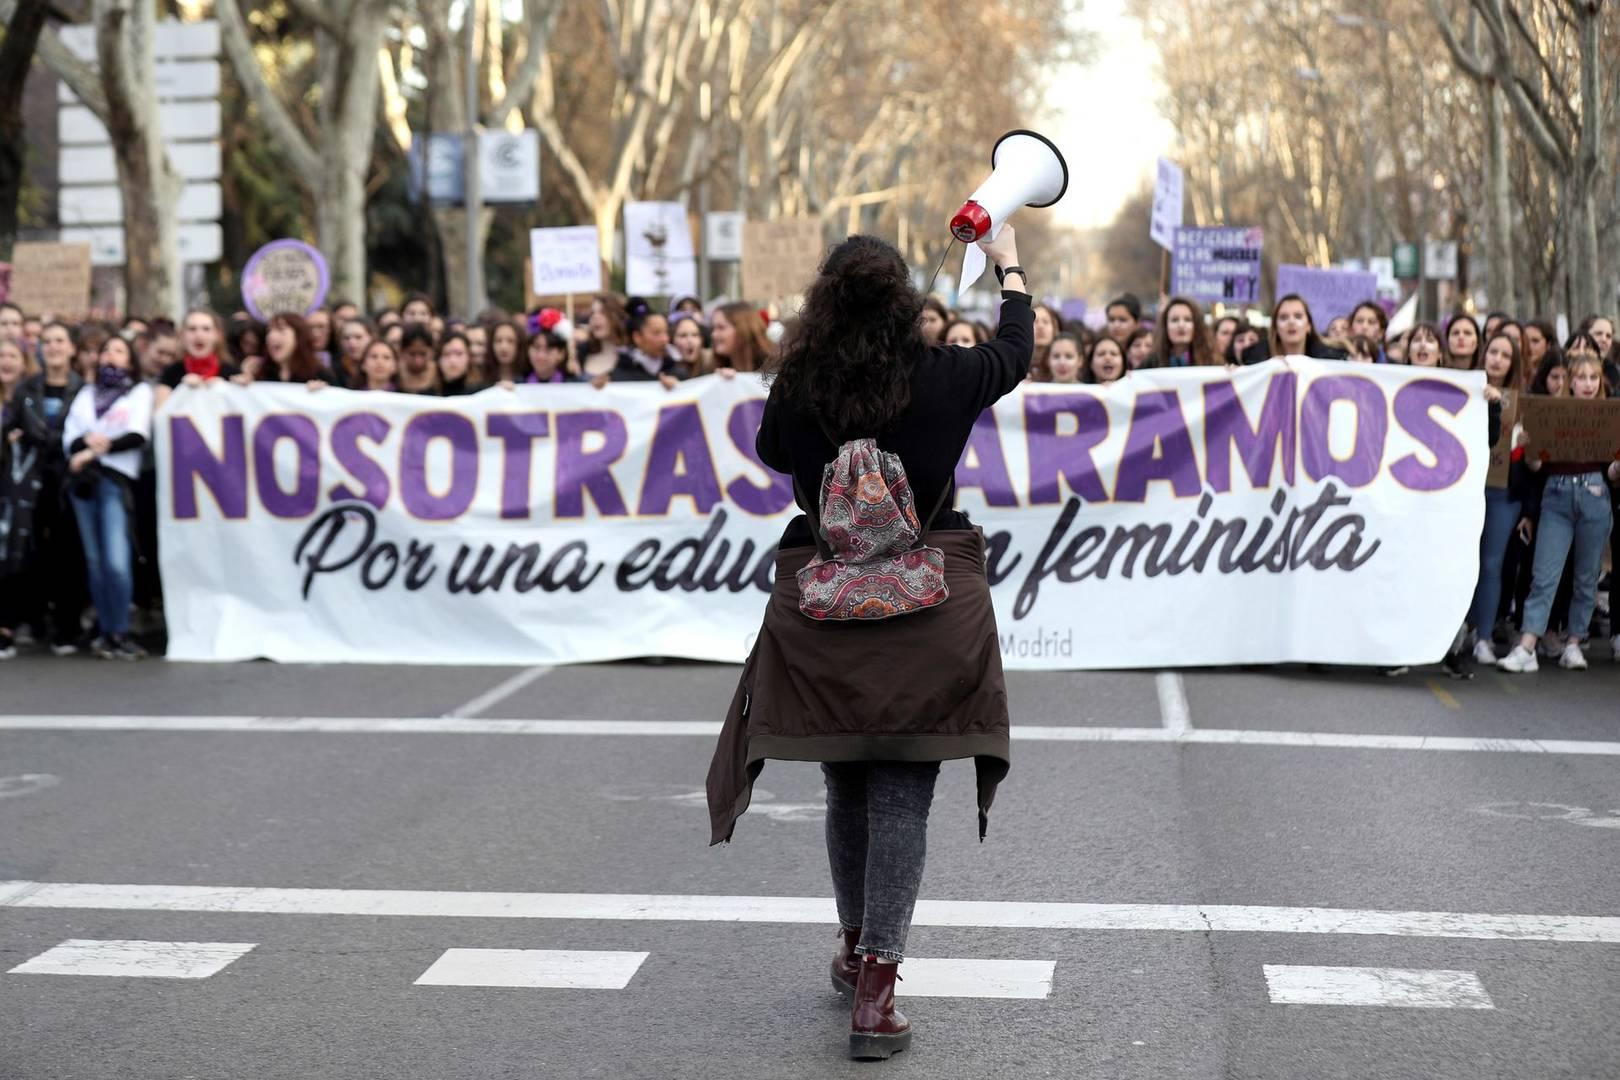 Vista del inicio de una manifestación en Madrid convocada con motivo del 8M. EFE/Kiko Huesca/Archivo